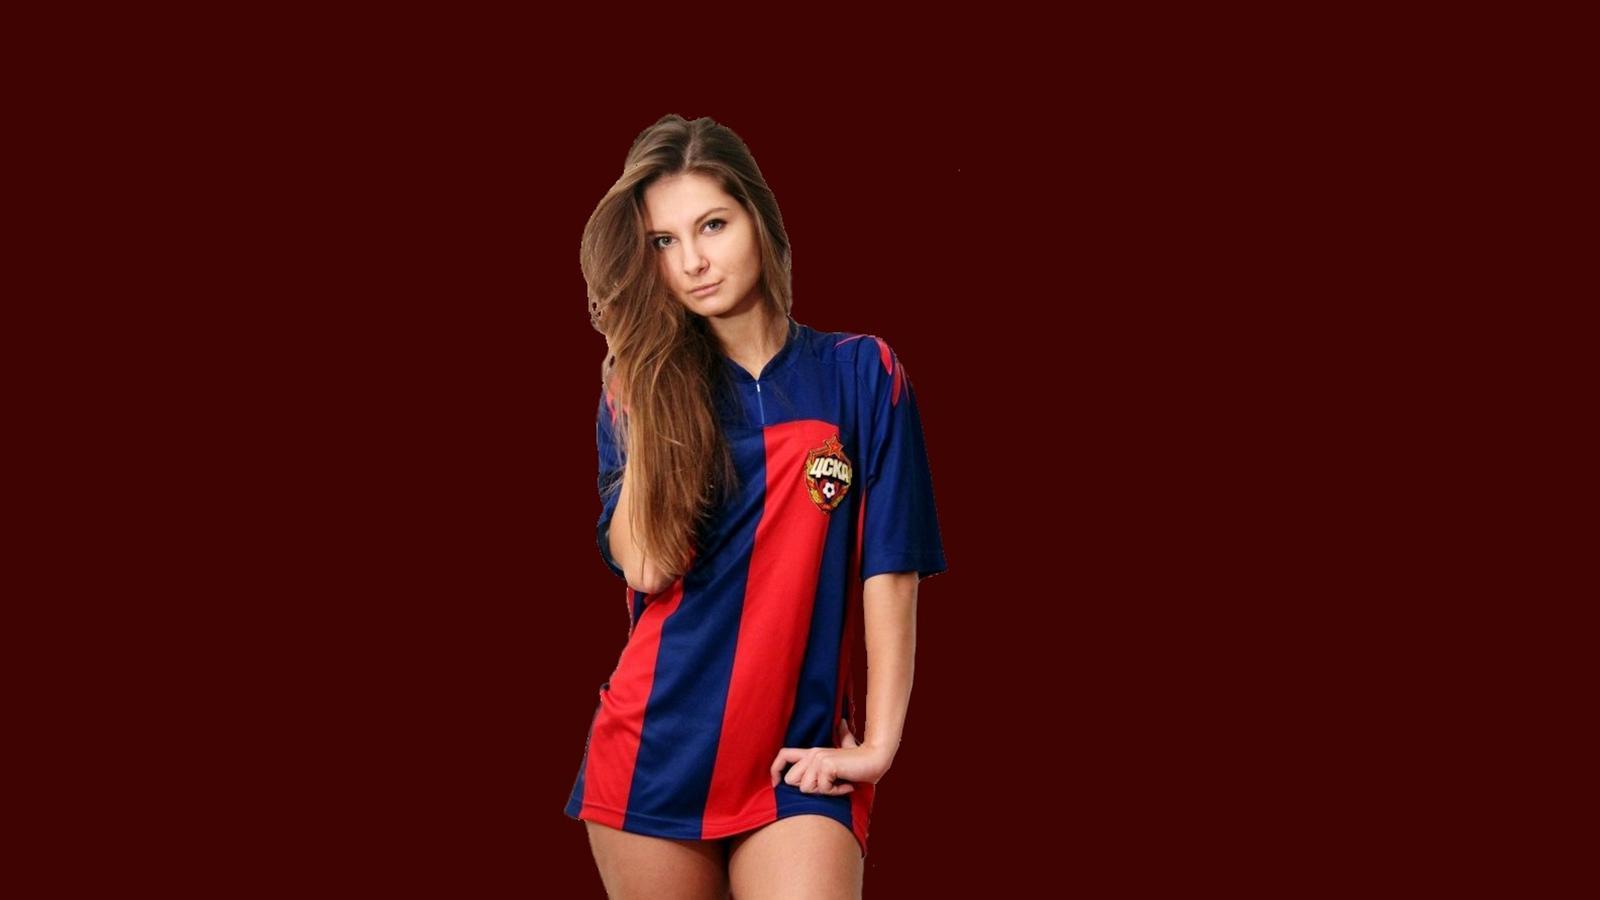 Галирея фото девушки